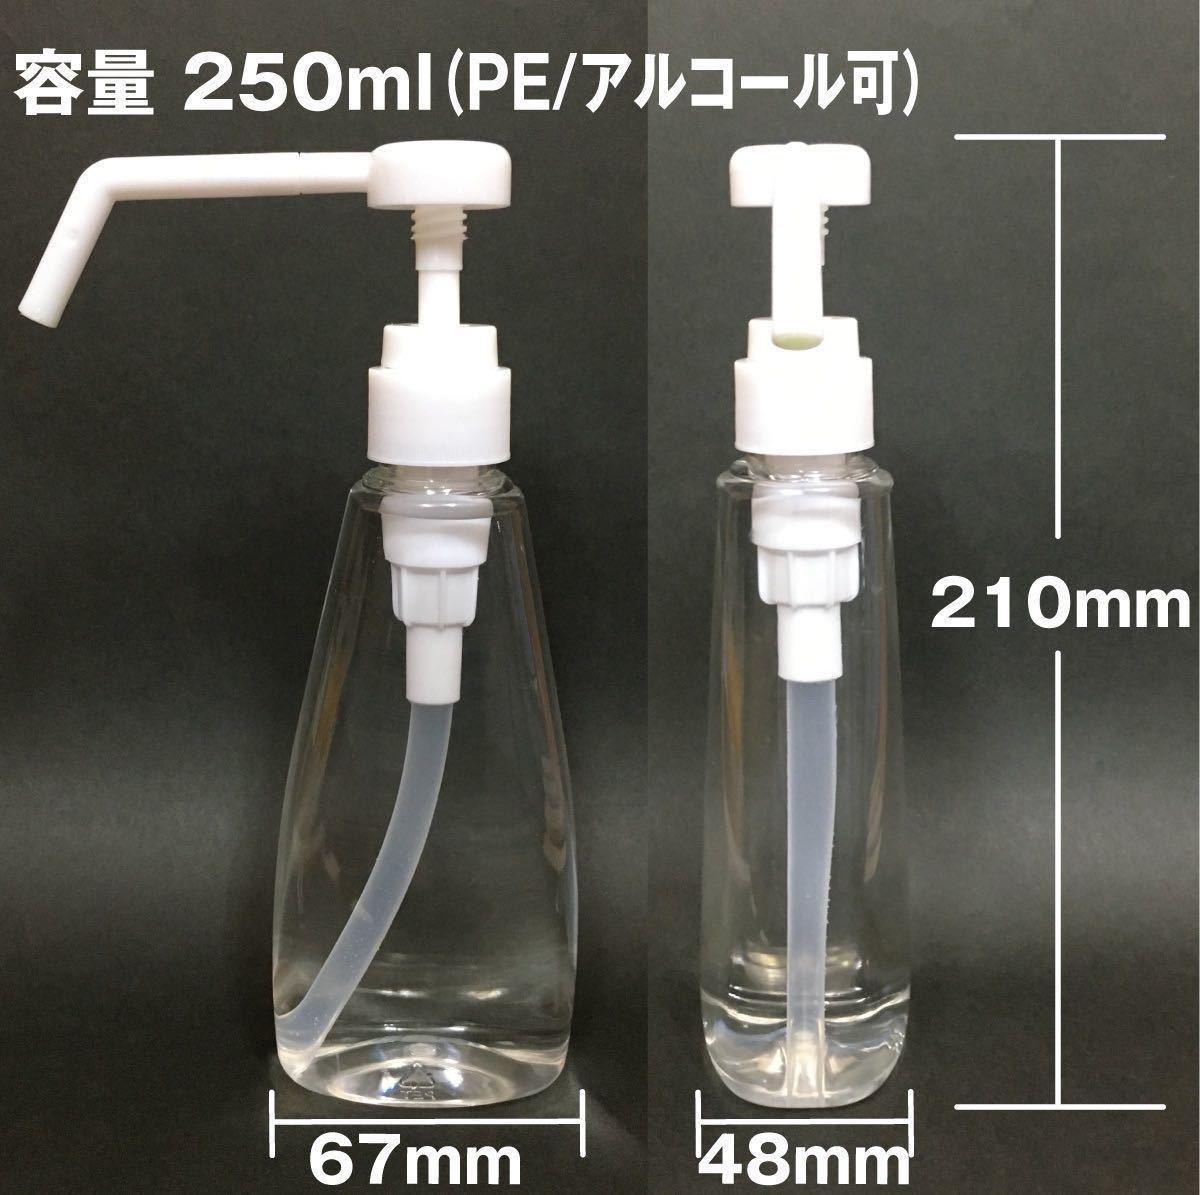 【新品】250ml噴霧スプレーボトル3本セット シャワーボトル 除菌 アルコール対応 消毒液 パストリーゼ77 ※複数あり_画像2